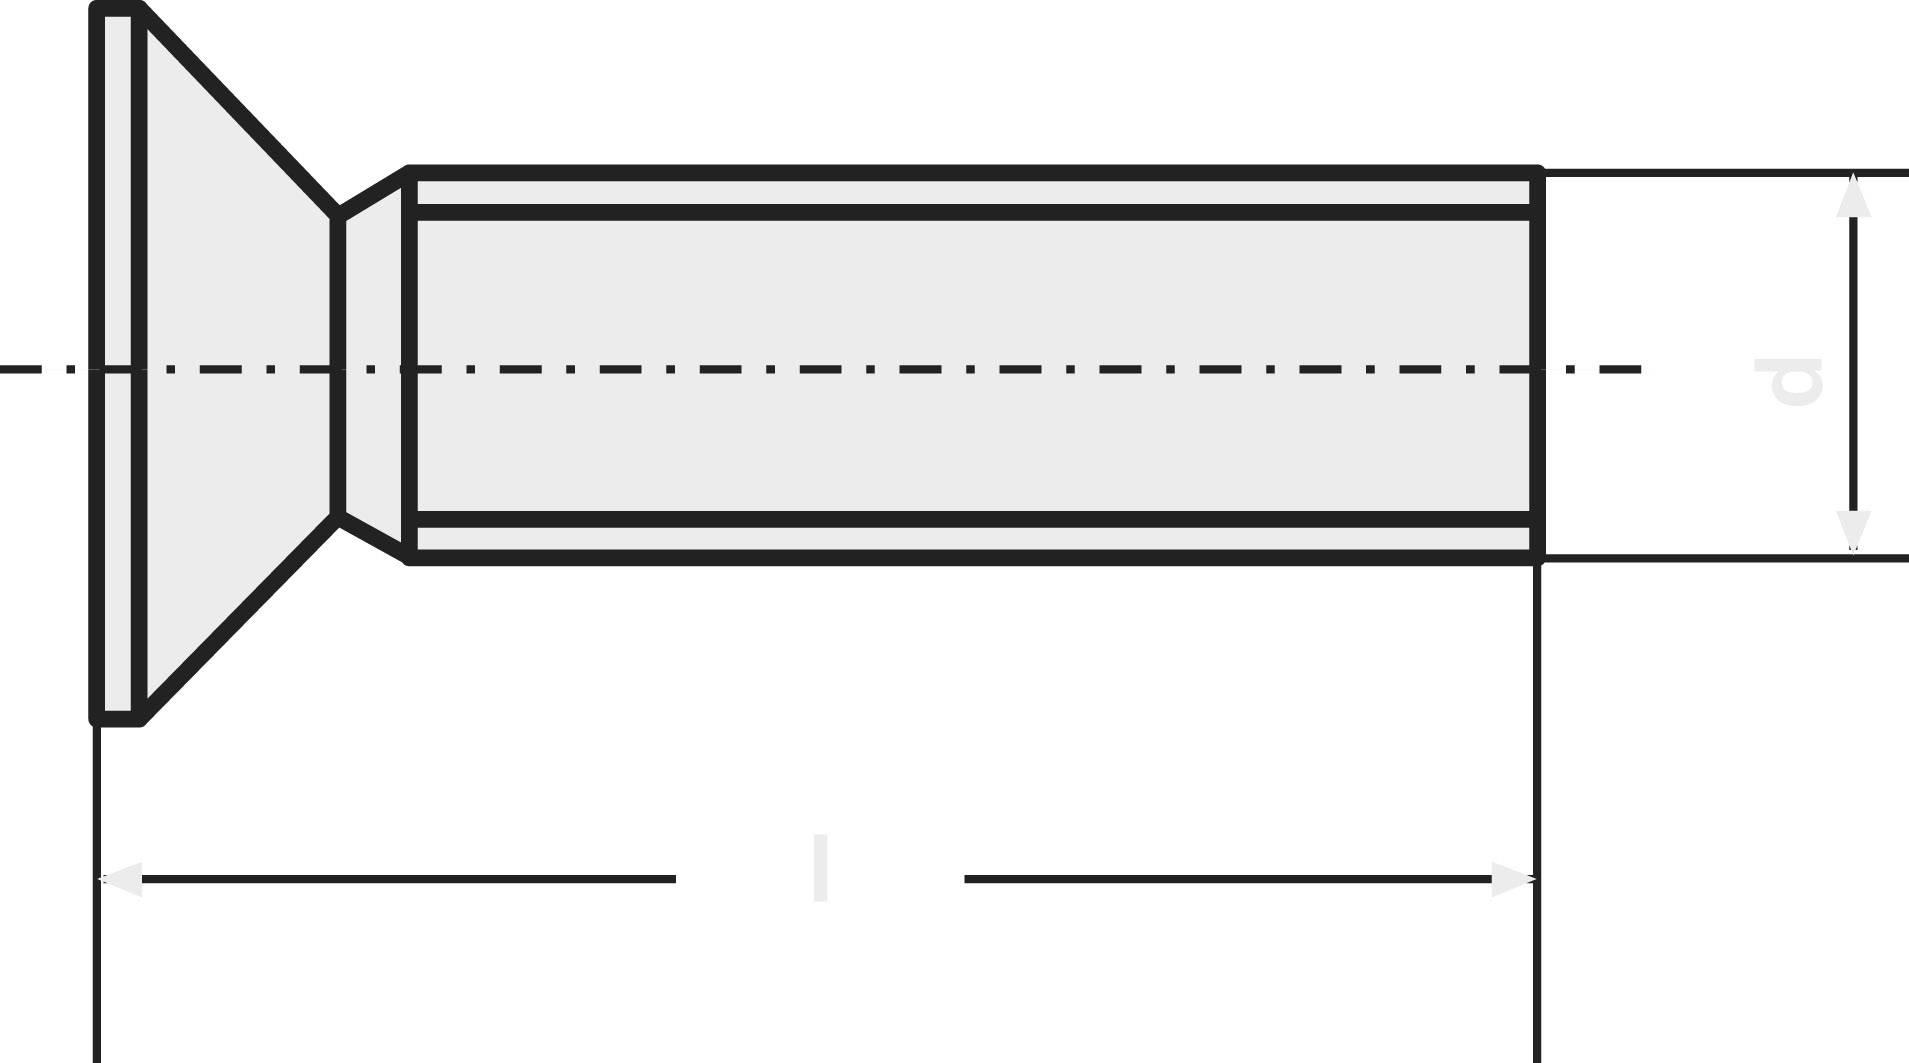 Zápustné šrouby TOOLCRAFT, torx, M2,5, DIN 965, 20 mm, ušlechtilá ocel, 20 ks